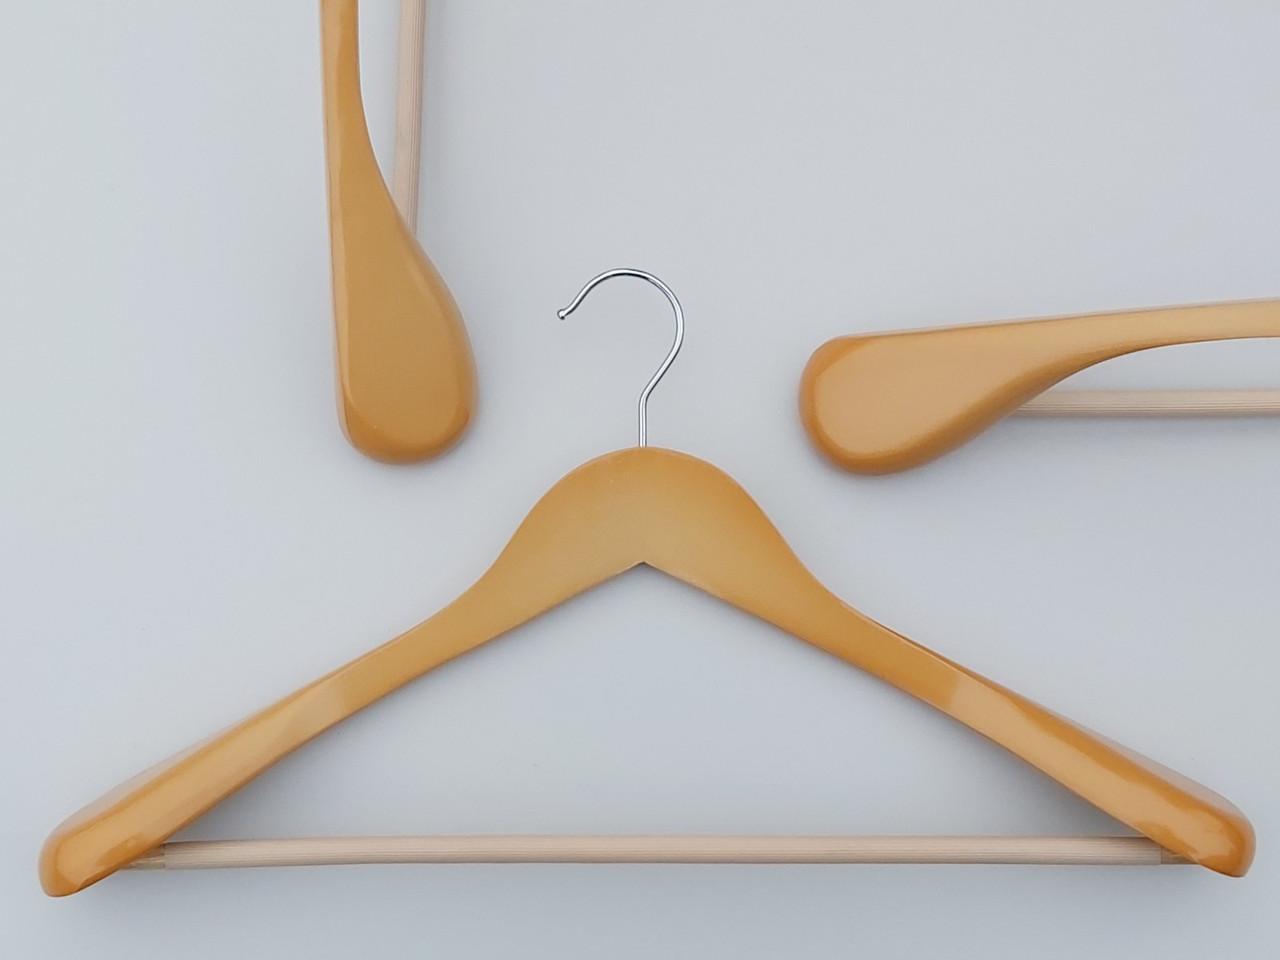 Плечики длиной 45 см вешалки деревянные светлые широкие  с антискользящей перекладиной